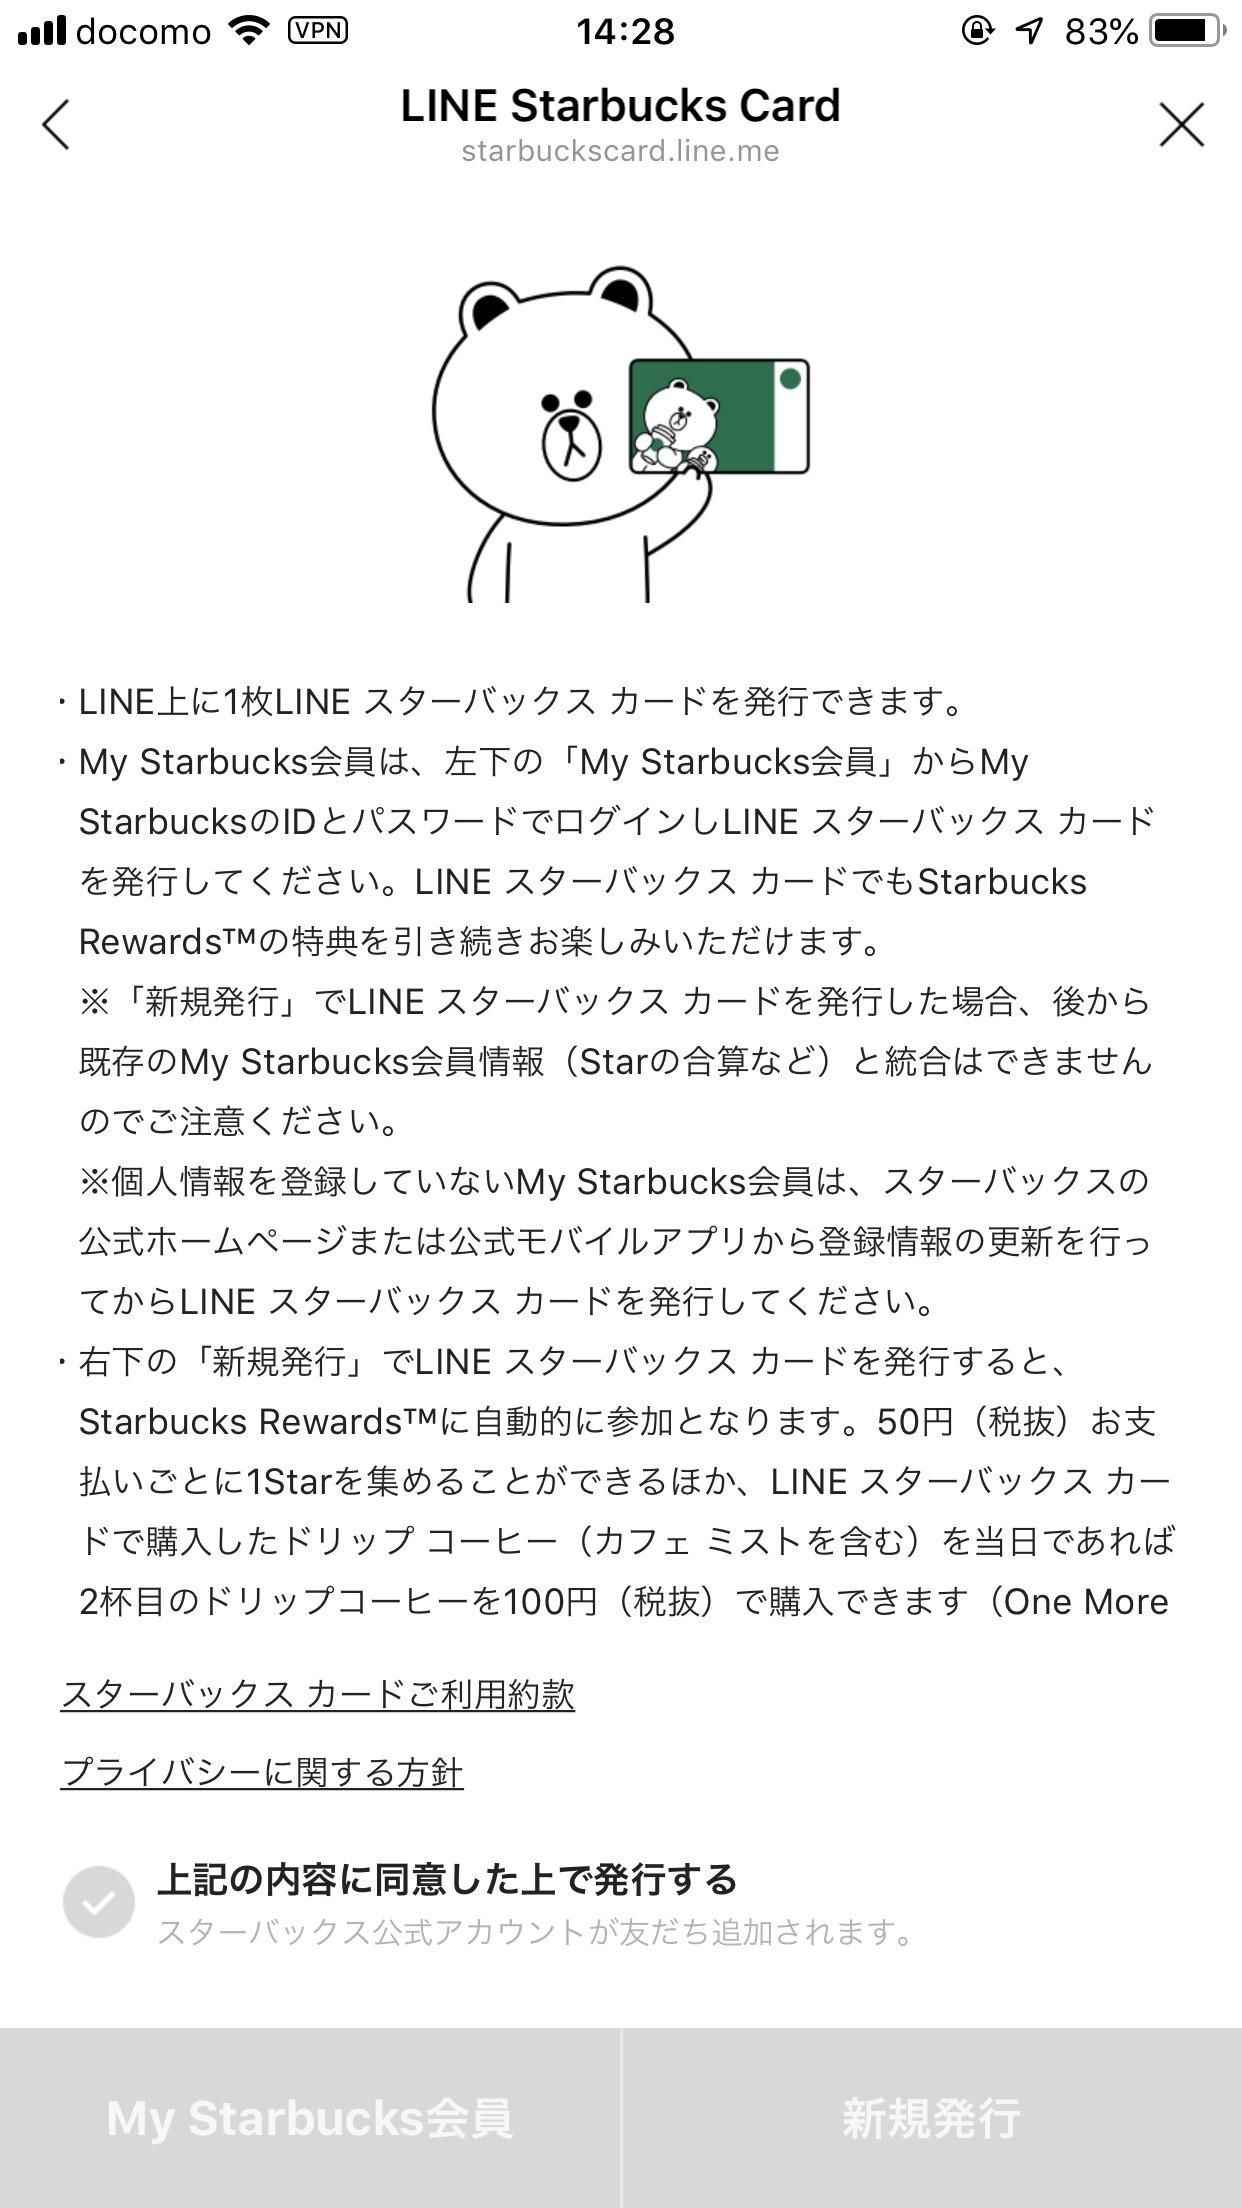 LINEスターバックスカード 7